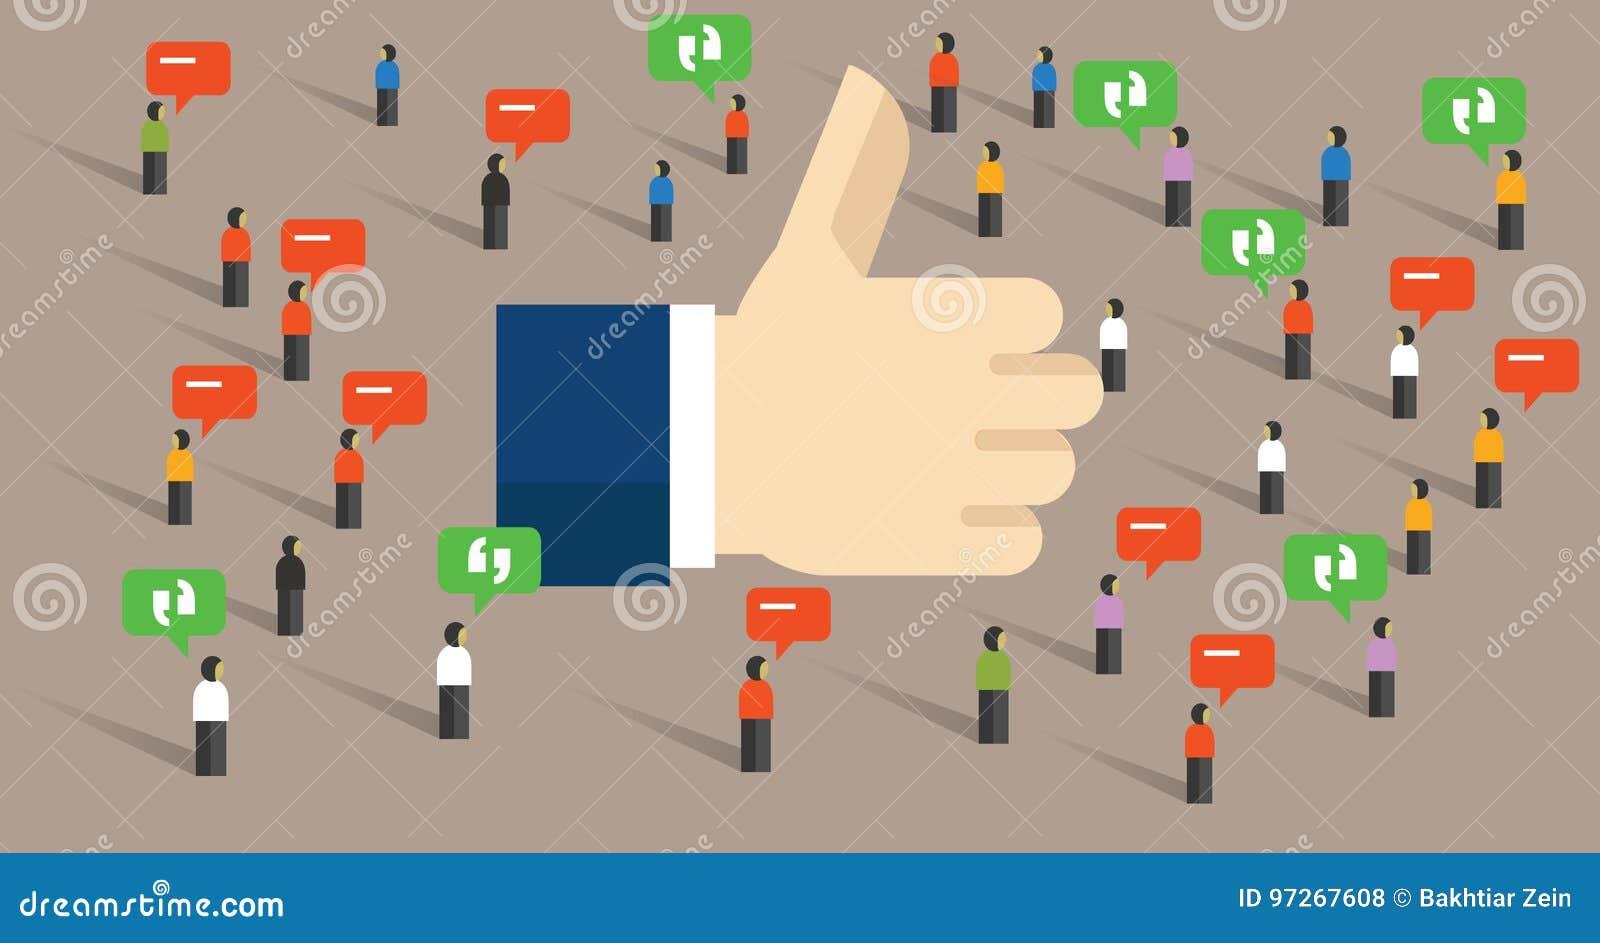 Come i pollici aumenti il simbolo pubblico del pubblico di Internet di impegno di media sociali di risposte